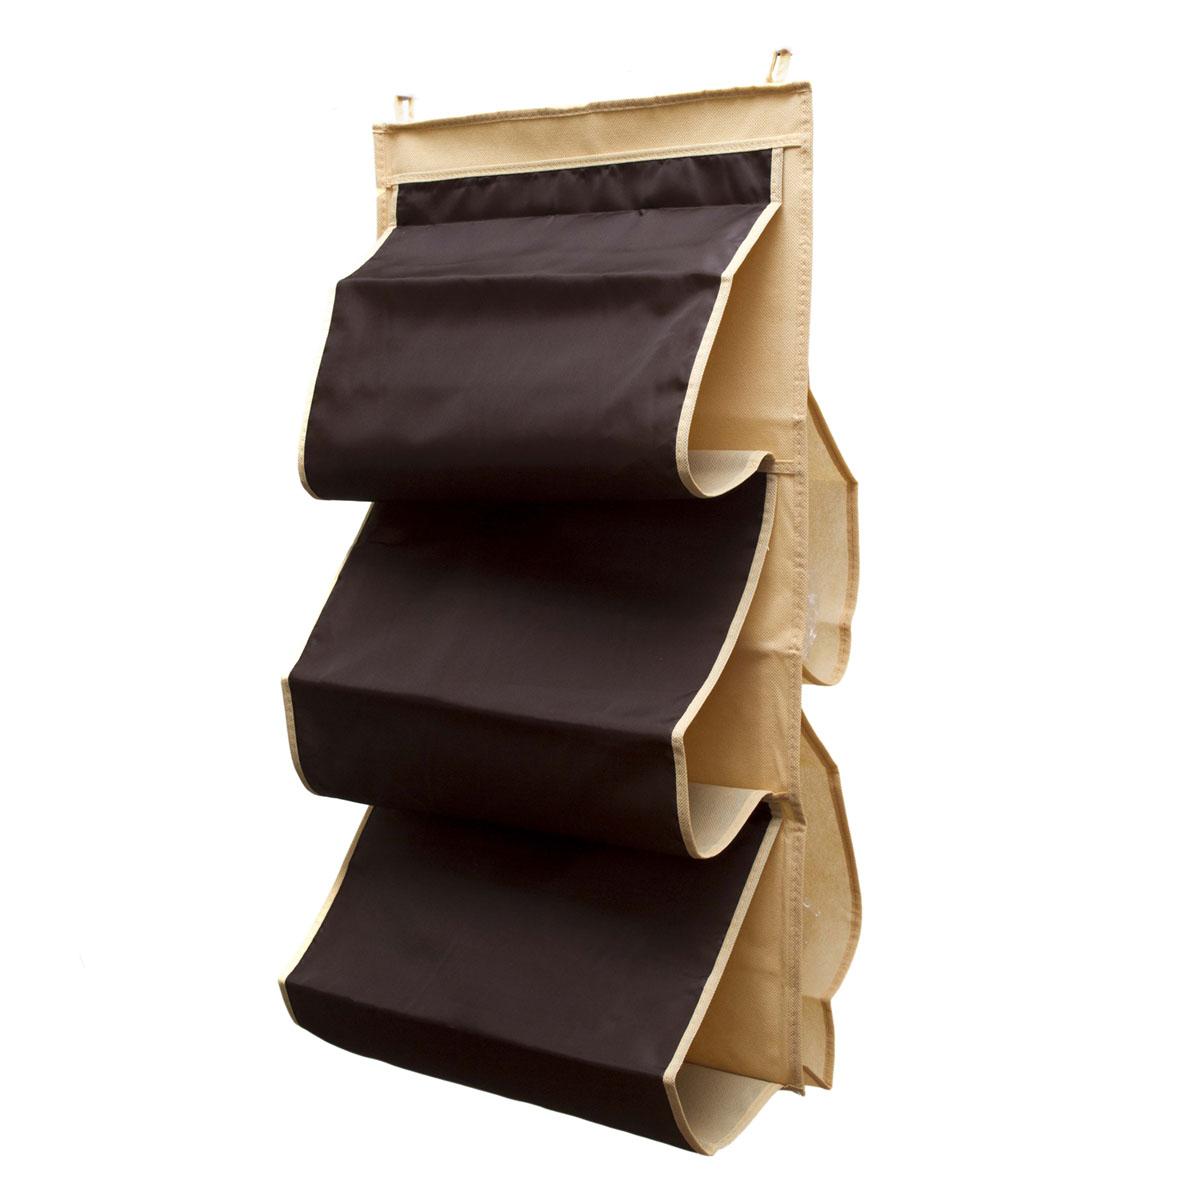 Органайзер для сумок Homsu Costa-Rica, 5 отделений, 40 х 70 смRG-D31SОрганайзер для хранения сумок Homsu Costa-Rica изготовлен из полиэстера. Изделие имеет 5 отделений, его можно повесить в удобное место за крючки. Такой компактный и удобный в каждодневном использовании аксессуар, как этот органайзер, размещающийся в пространстве шкафа, на плоскости стены или дверей.Практичный и удобный органайзер для хранения сумок.Размер чехла: 40 х 70 см.